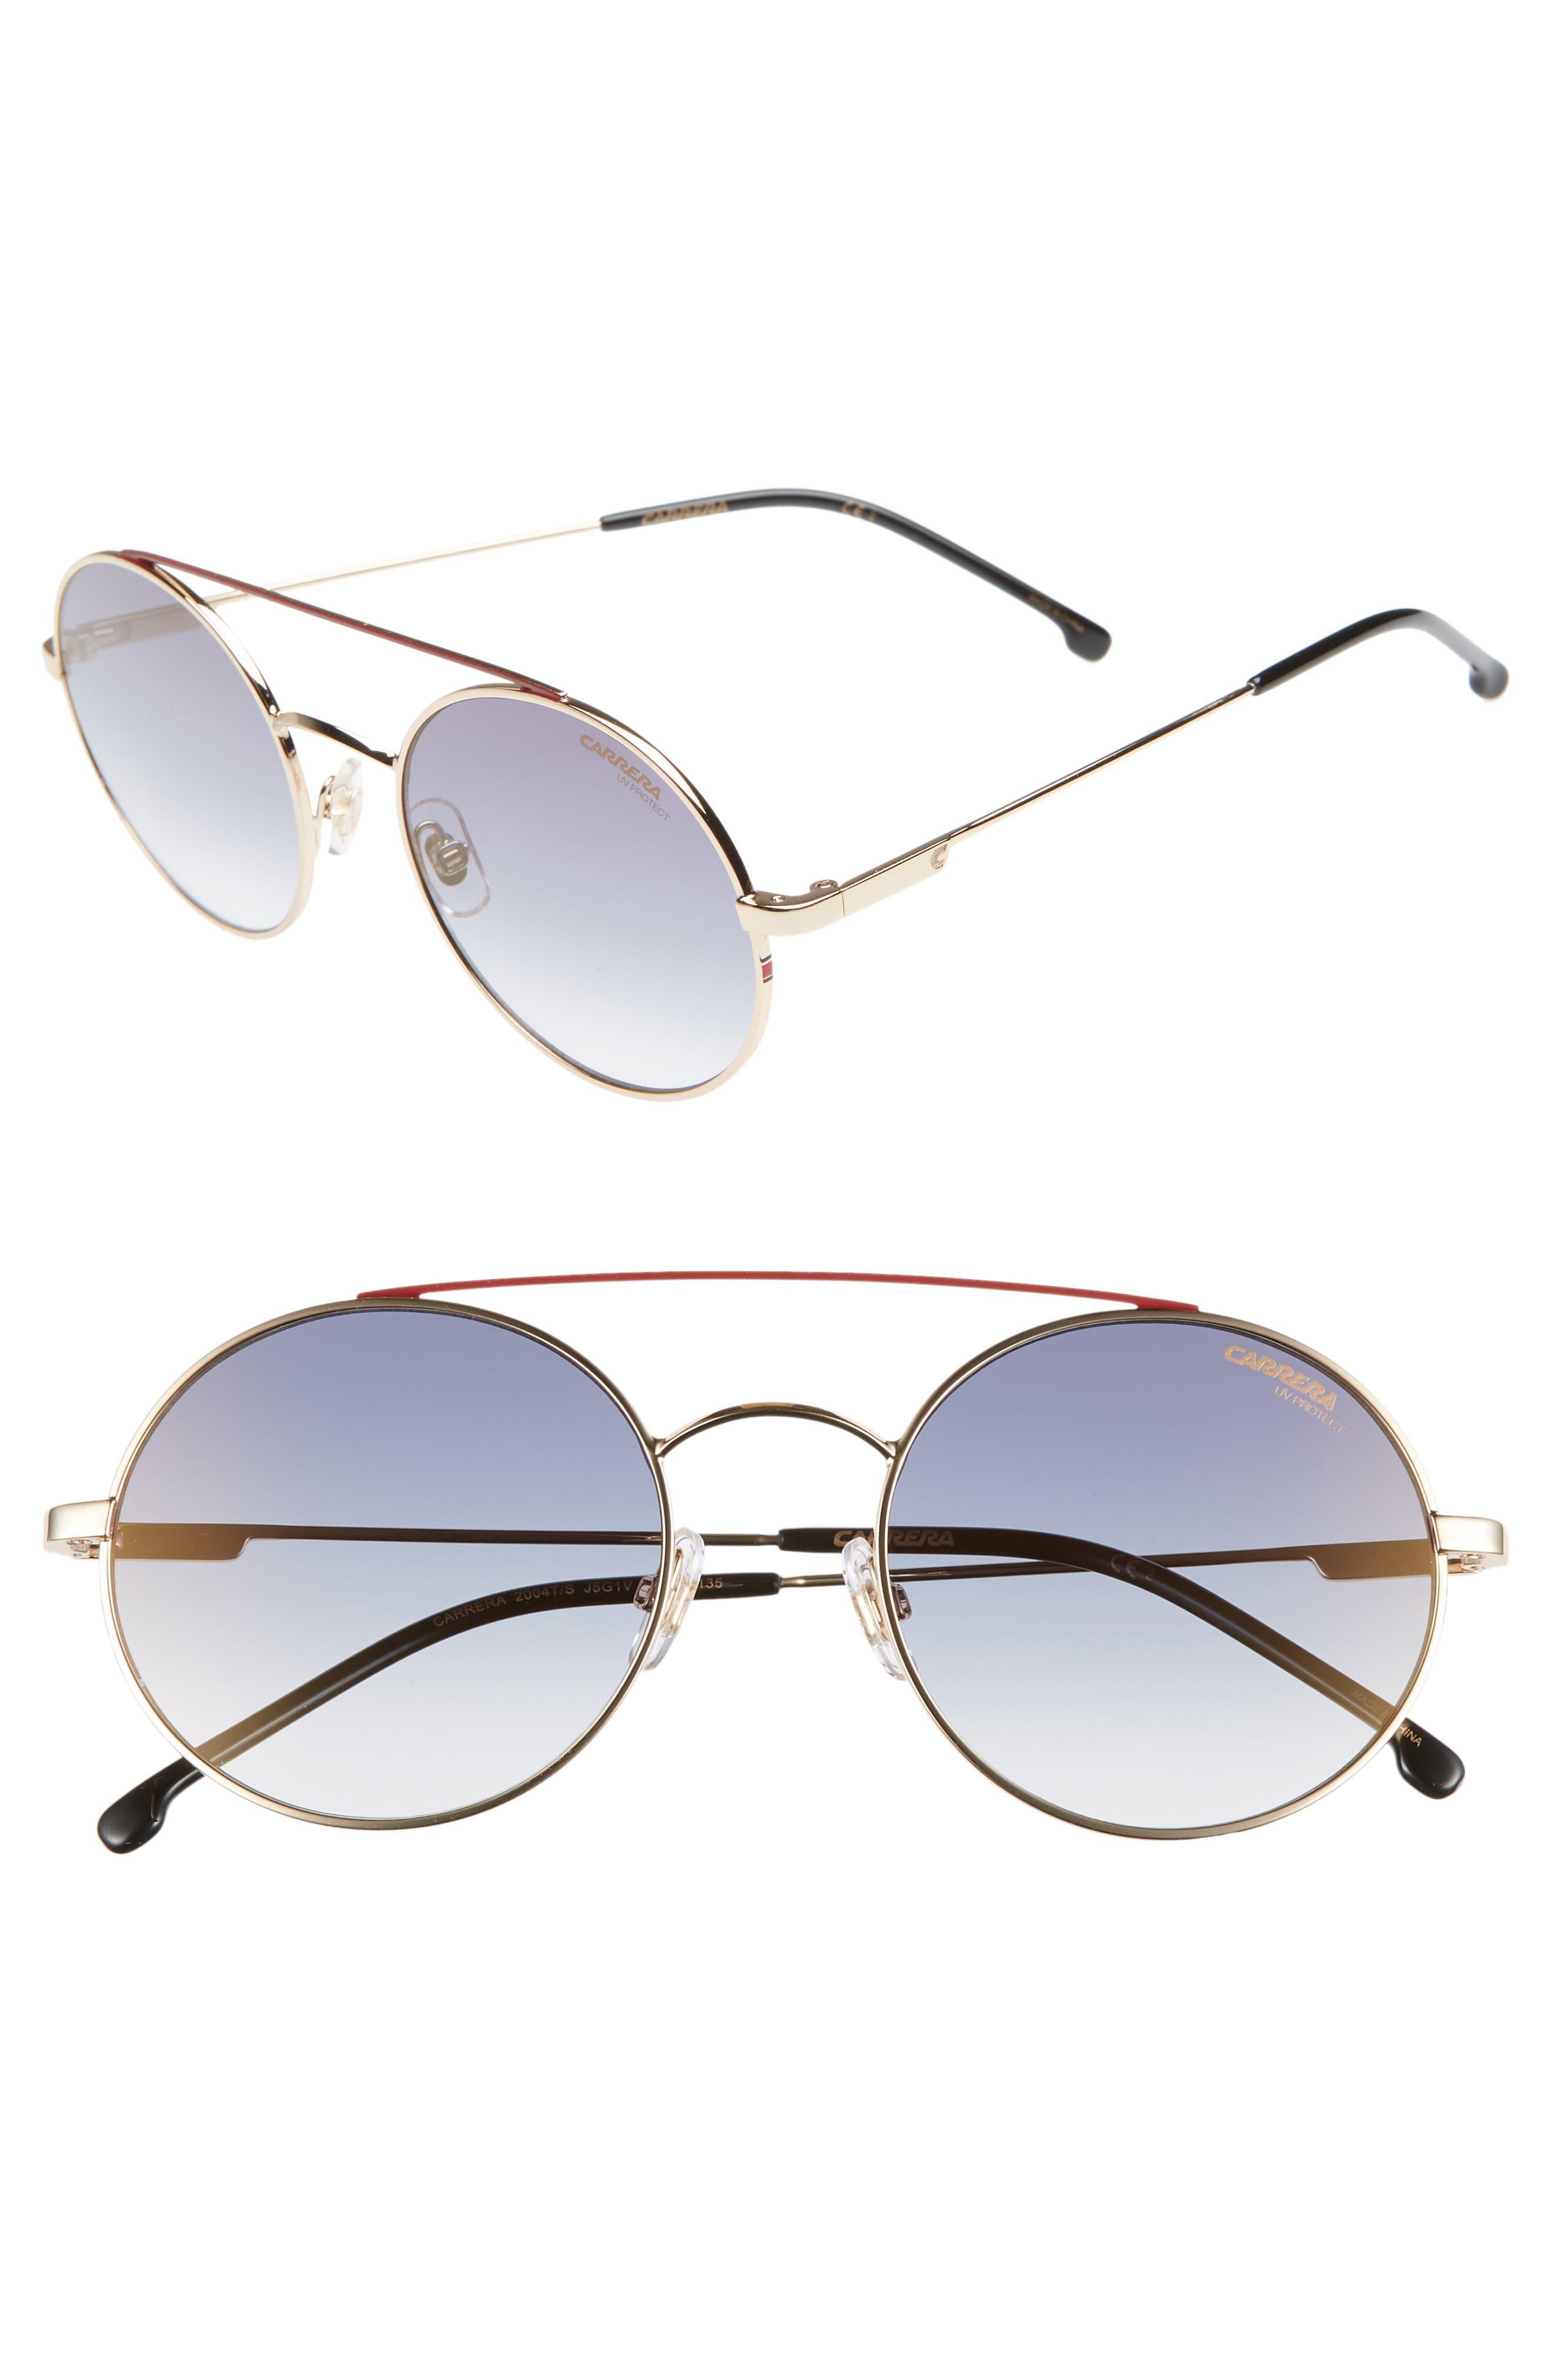 Carrera Eyewear 51Mm Round Sunglasses -